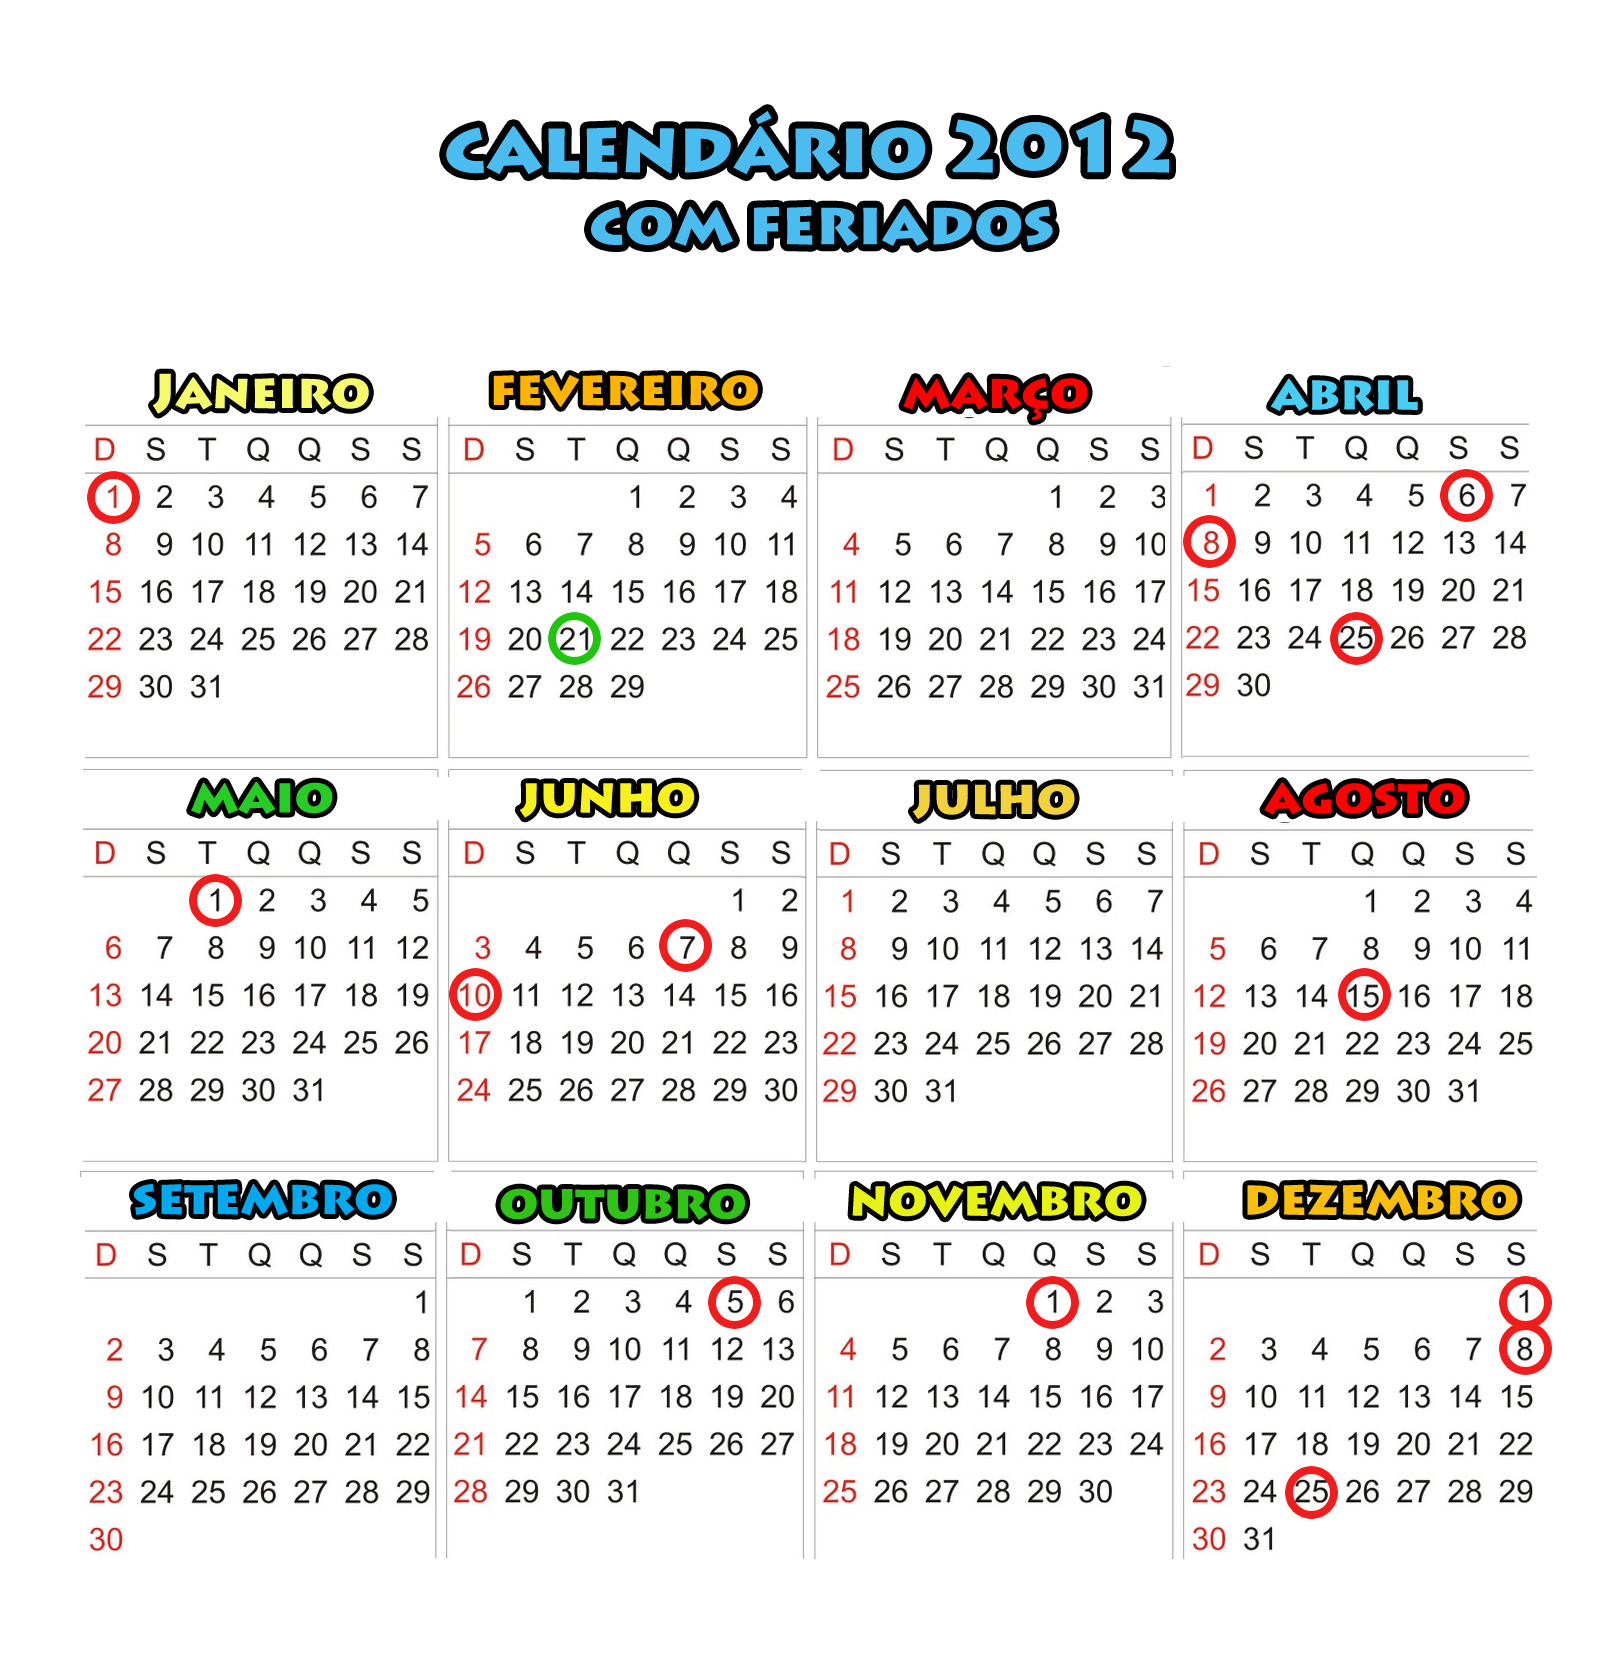 Calendarios Mensais  Anuais  O Kitty E De Bolso  Calendario 2012